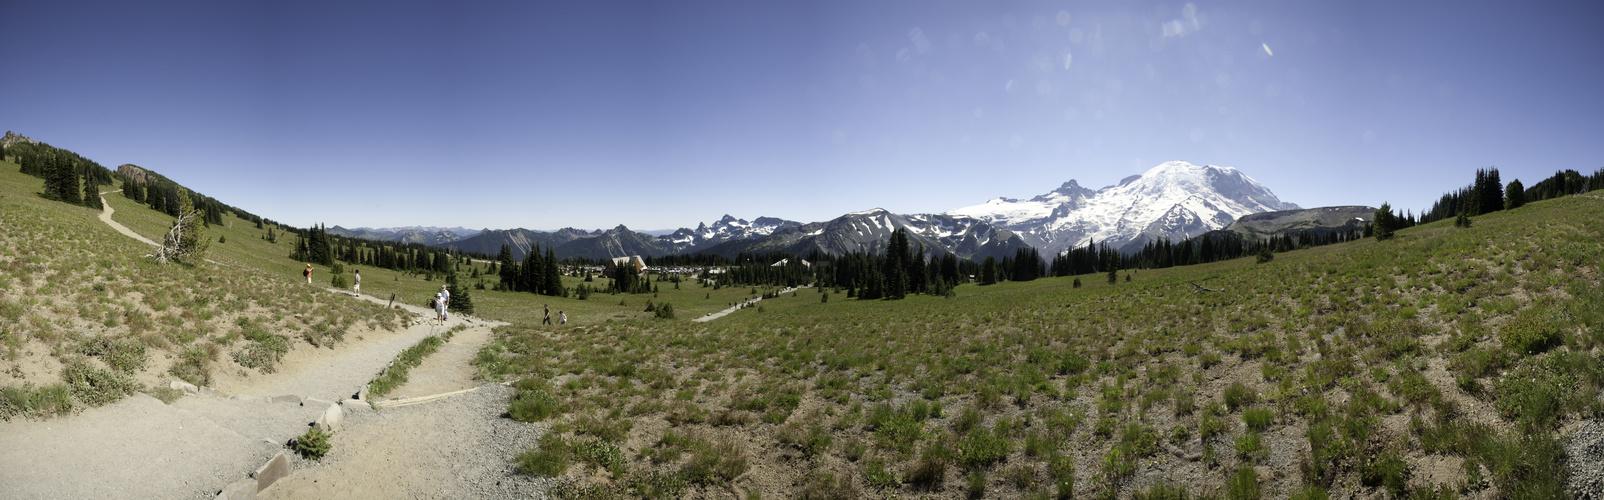 Mt. Rainier - Sunrise Visitor Center